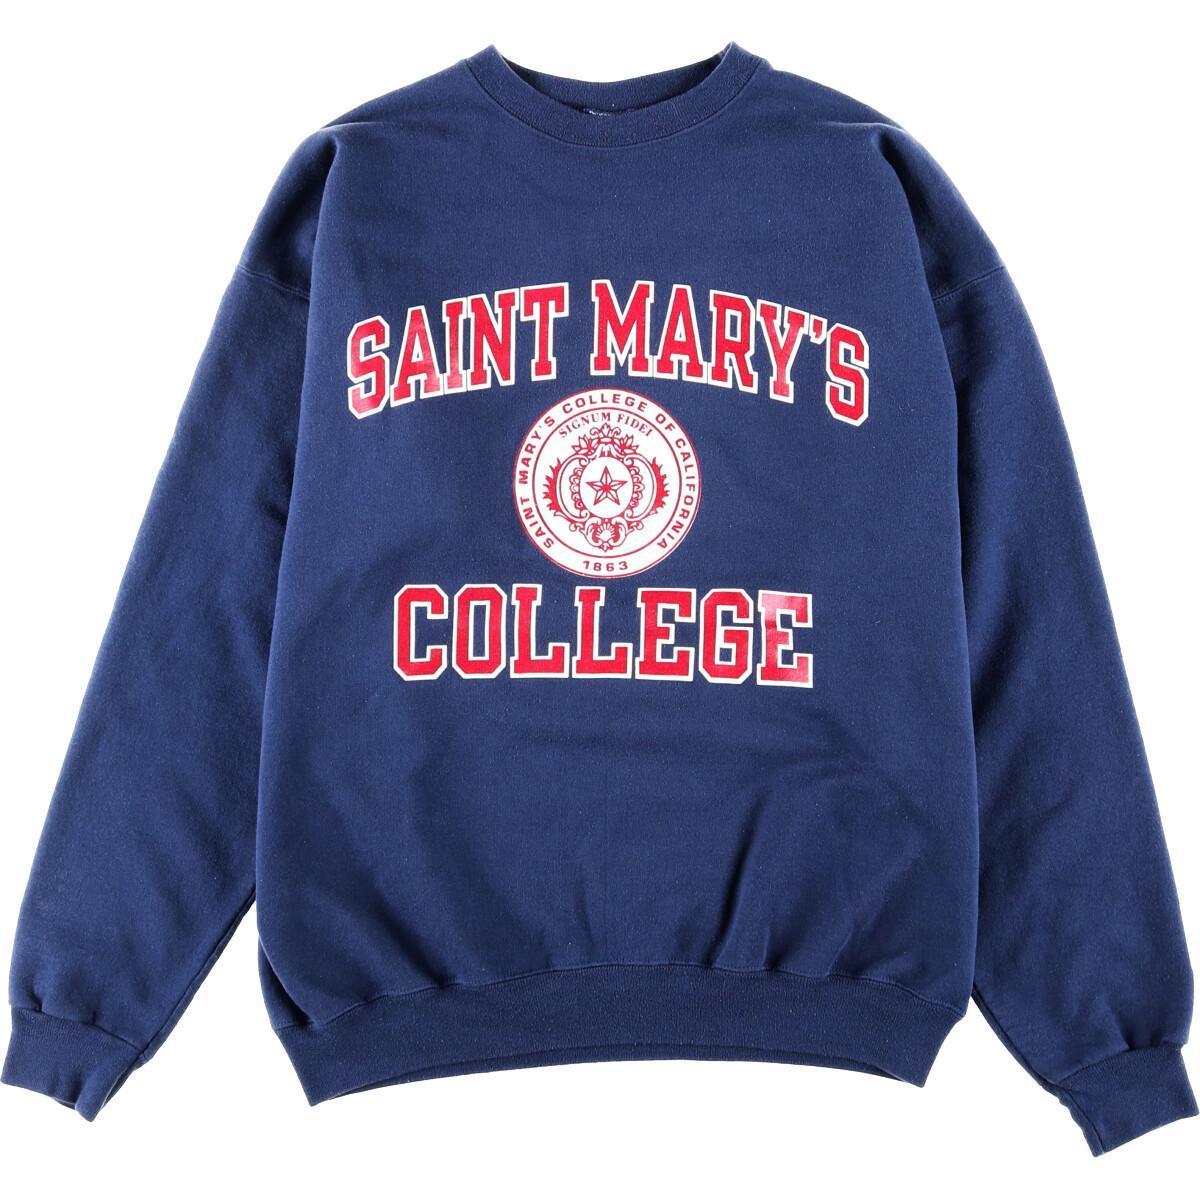 Champion SAINT MARY'S COLLEGE カレッジスウェットシャツ トレーナー